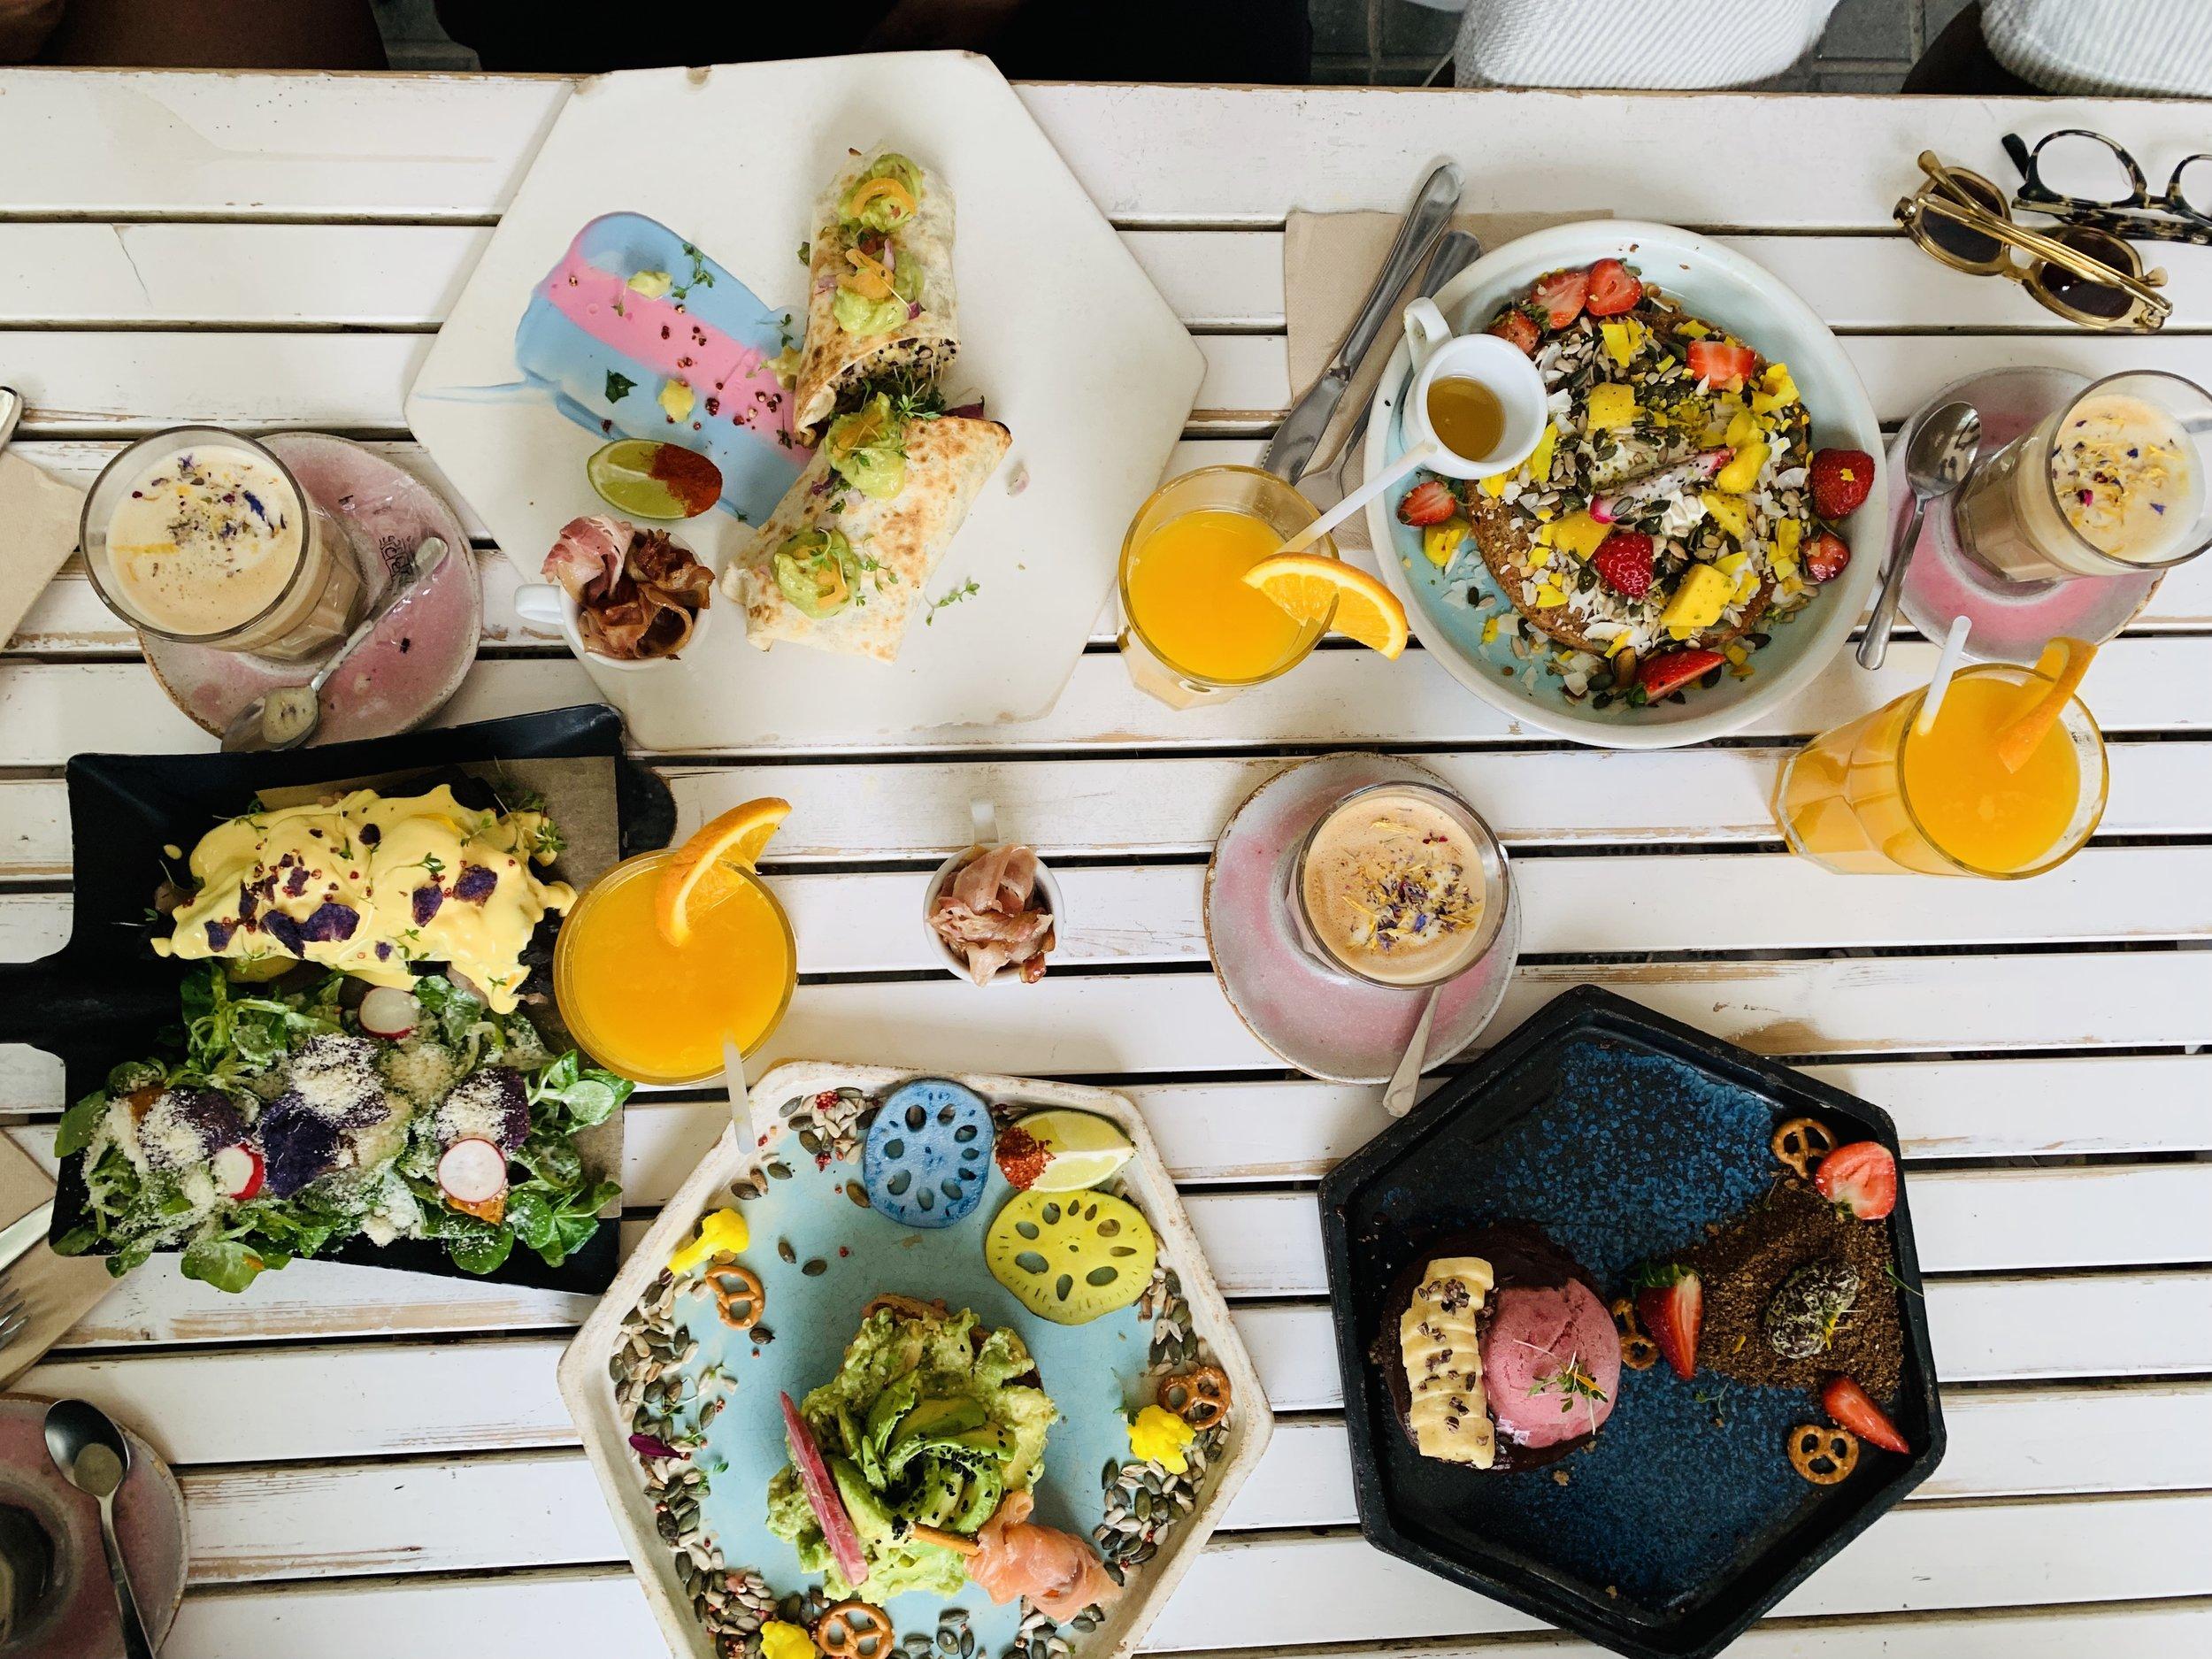 Brunch & Cake in Barcelona